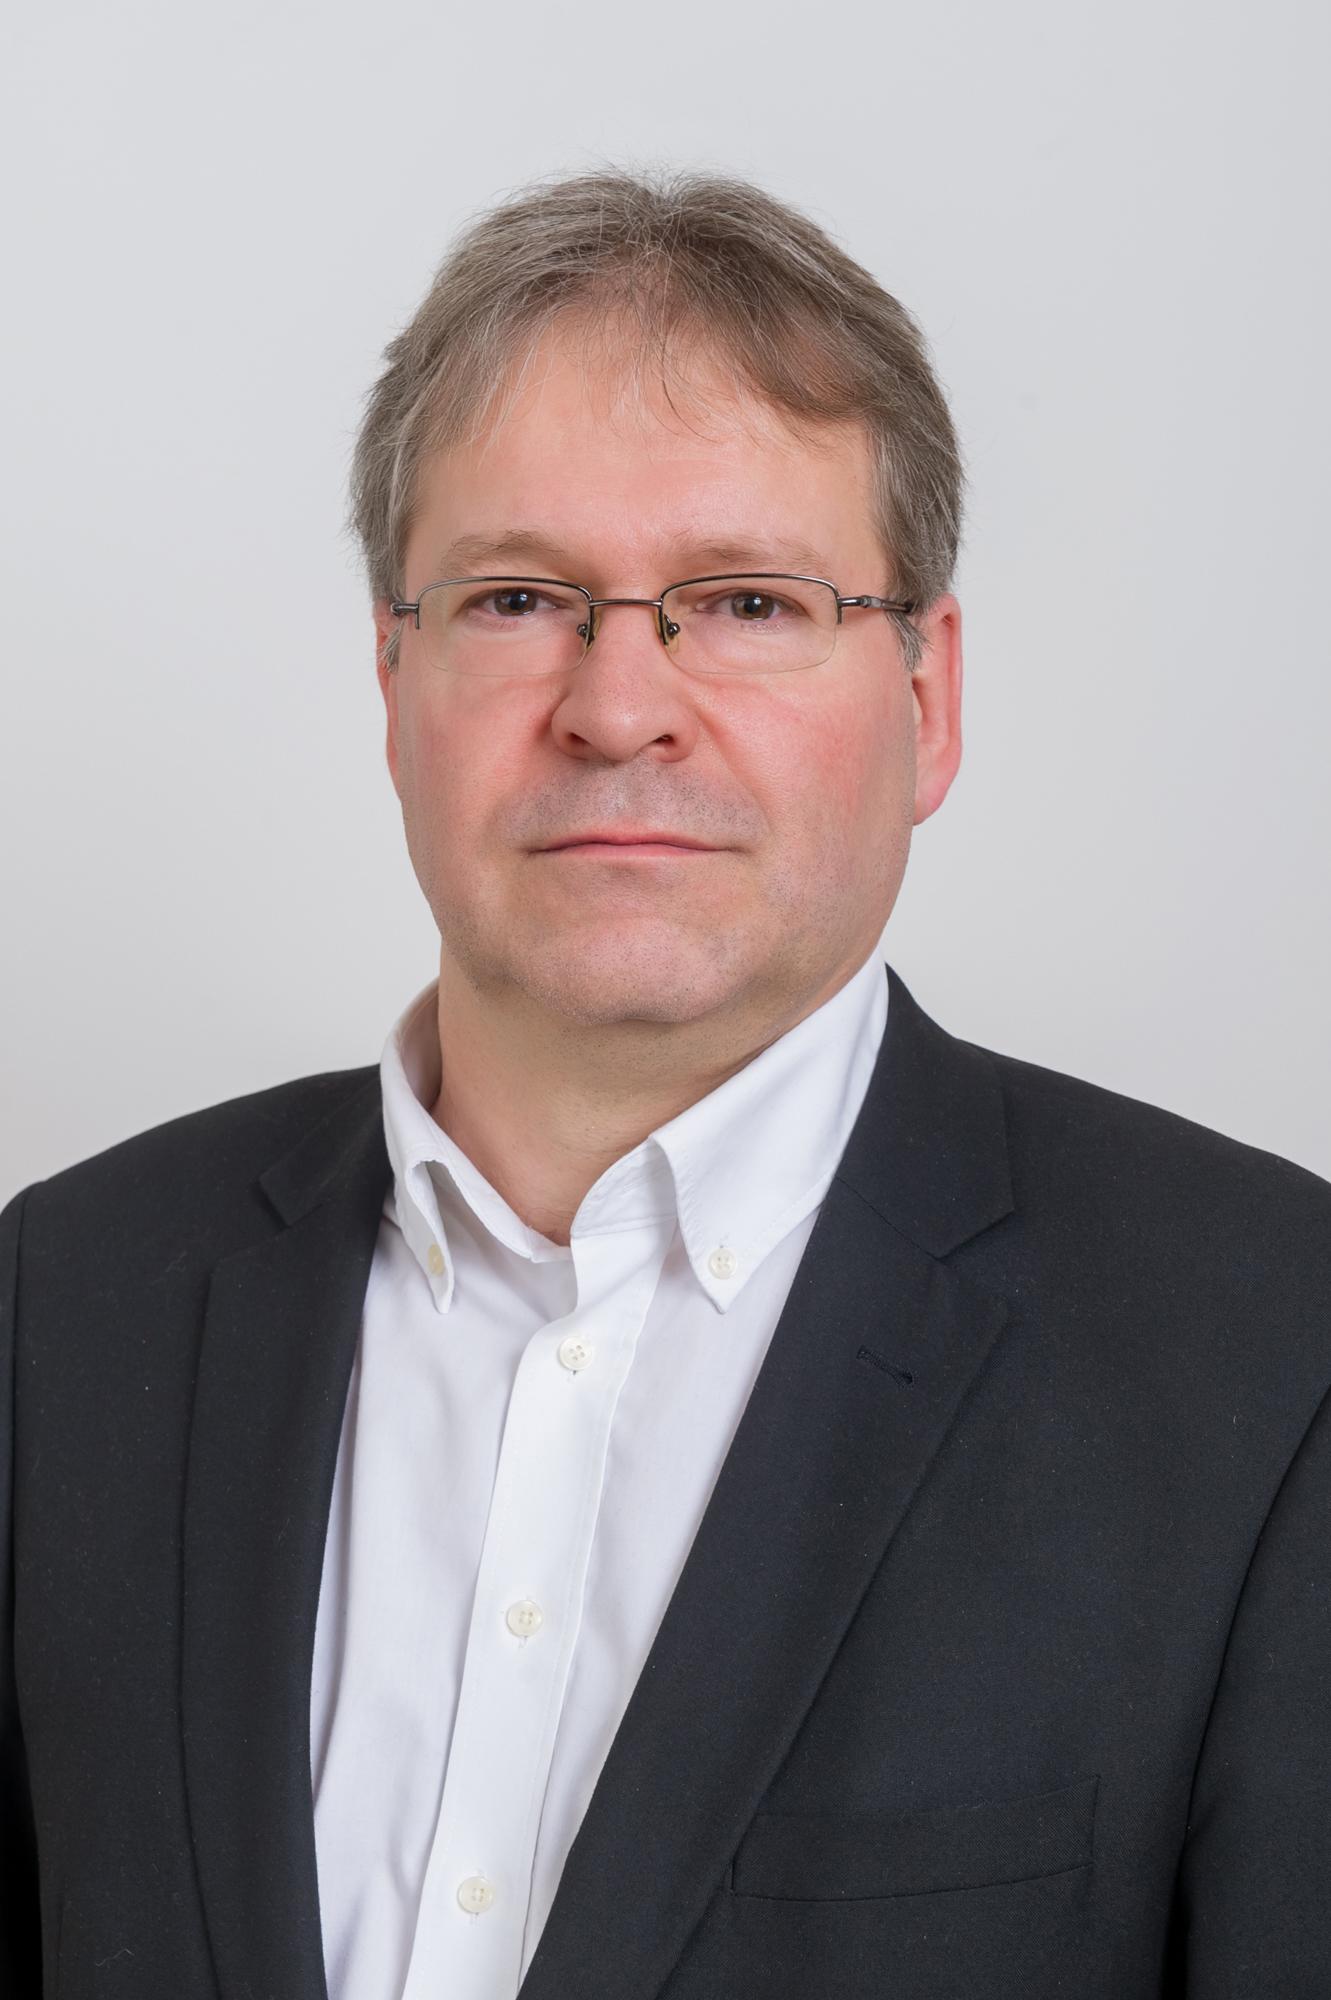 Szakály Zoltán